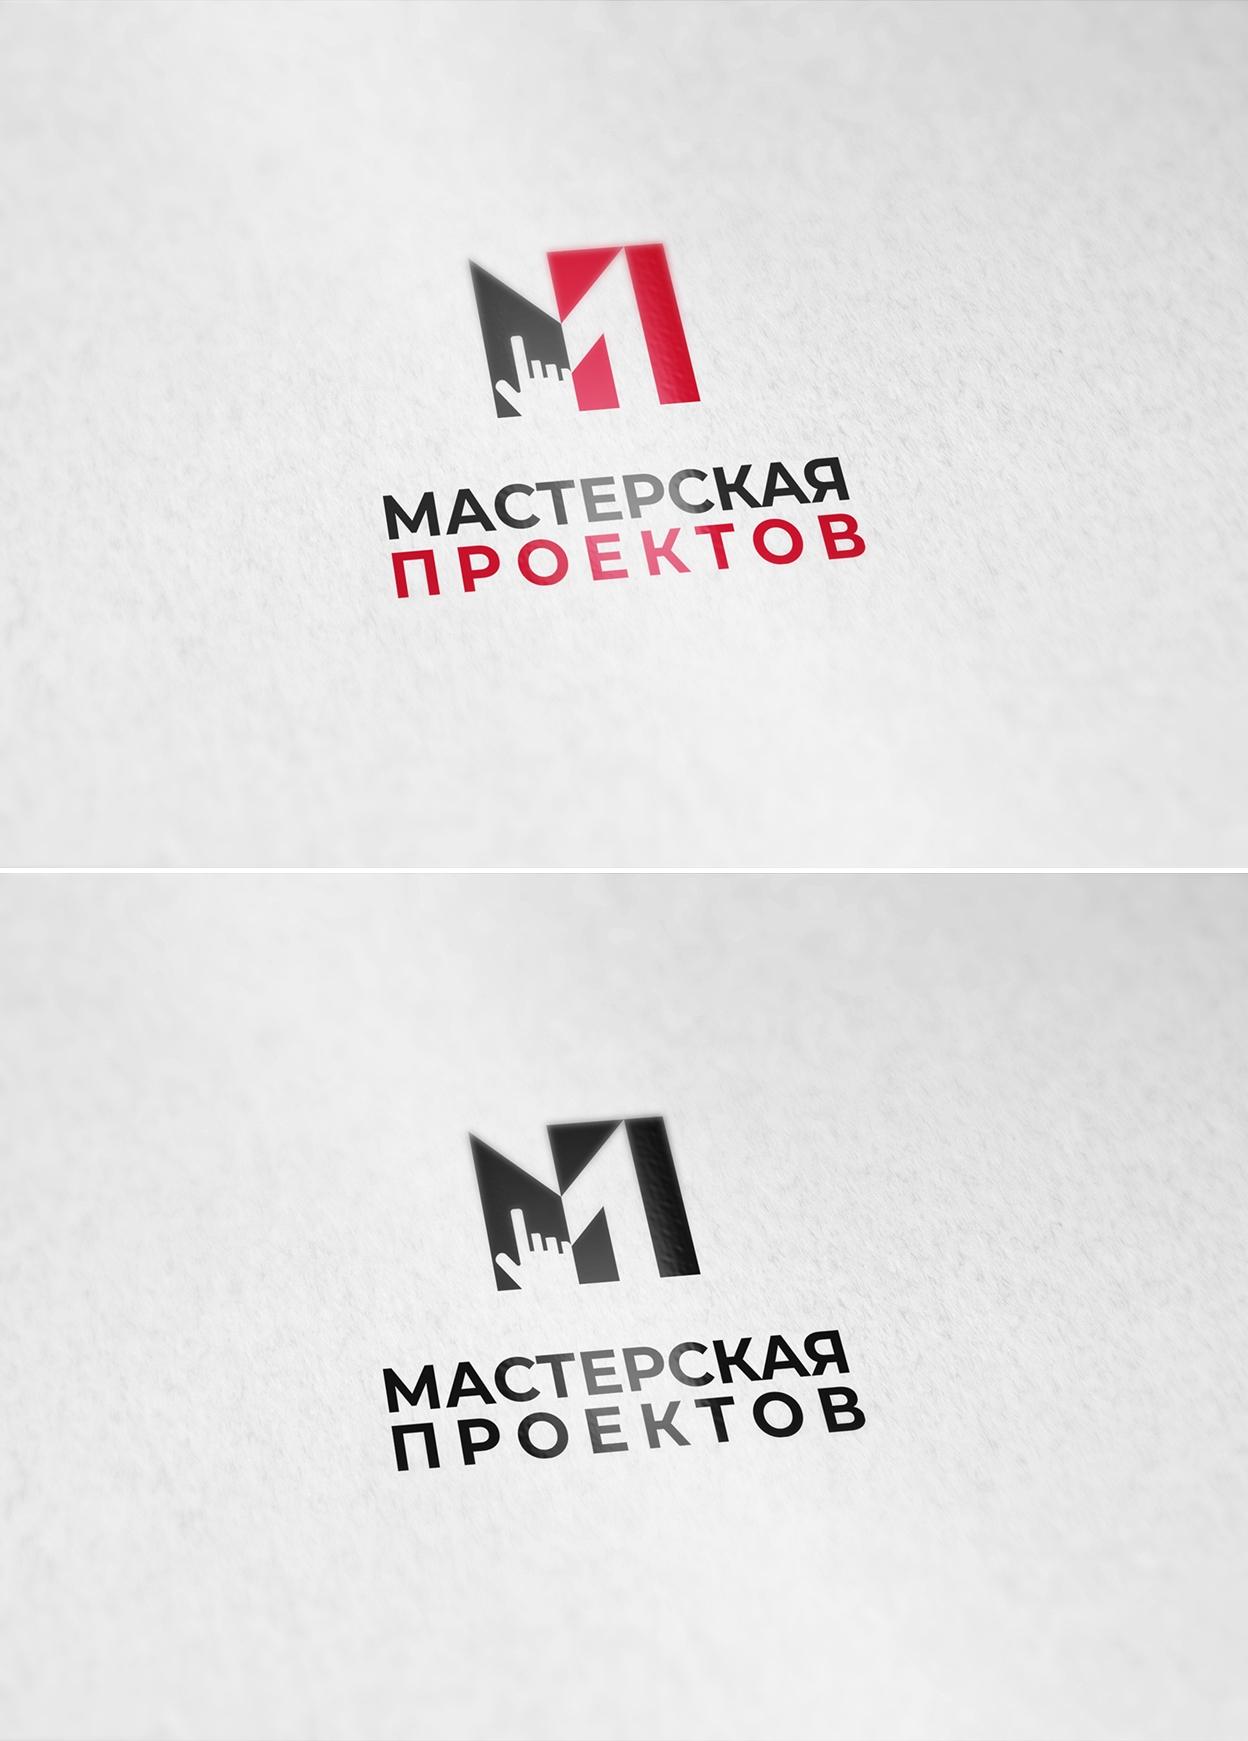 Разработка логотипа строительно-мебельного проекта (см. опис фото f_484606d737e3a6d5.jpg